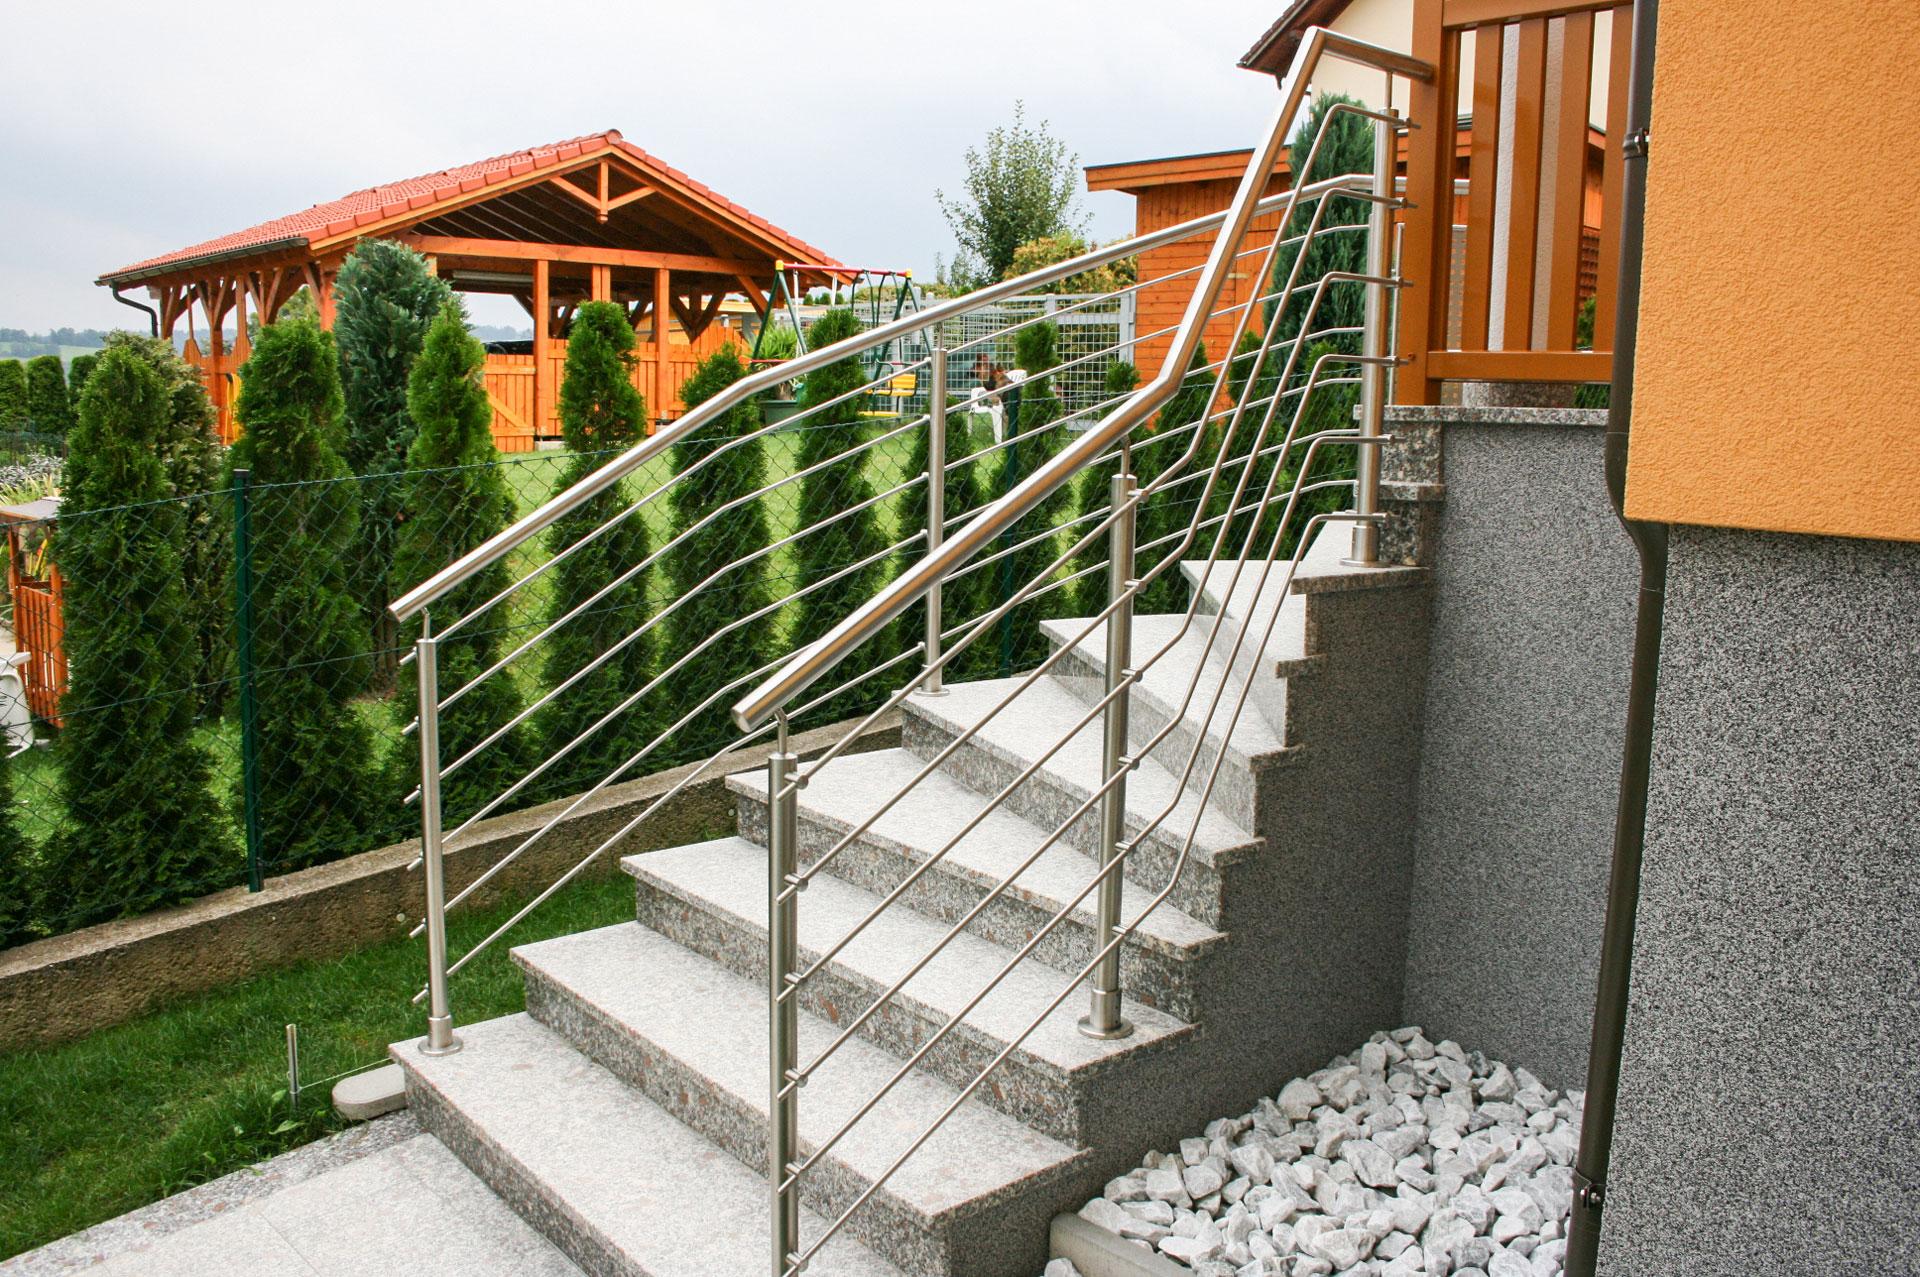 Bochum 05 a | geknickte waagrechte Nirosta-Stangen bei Edelstahl-Außenstiegengeländer | Svoboda